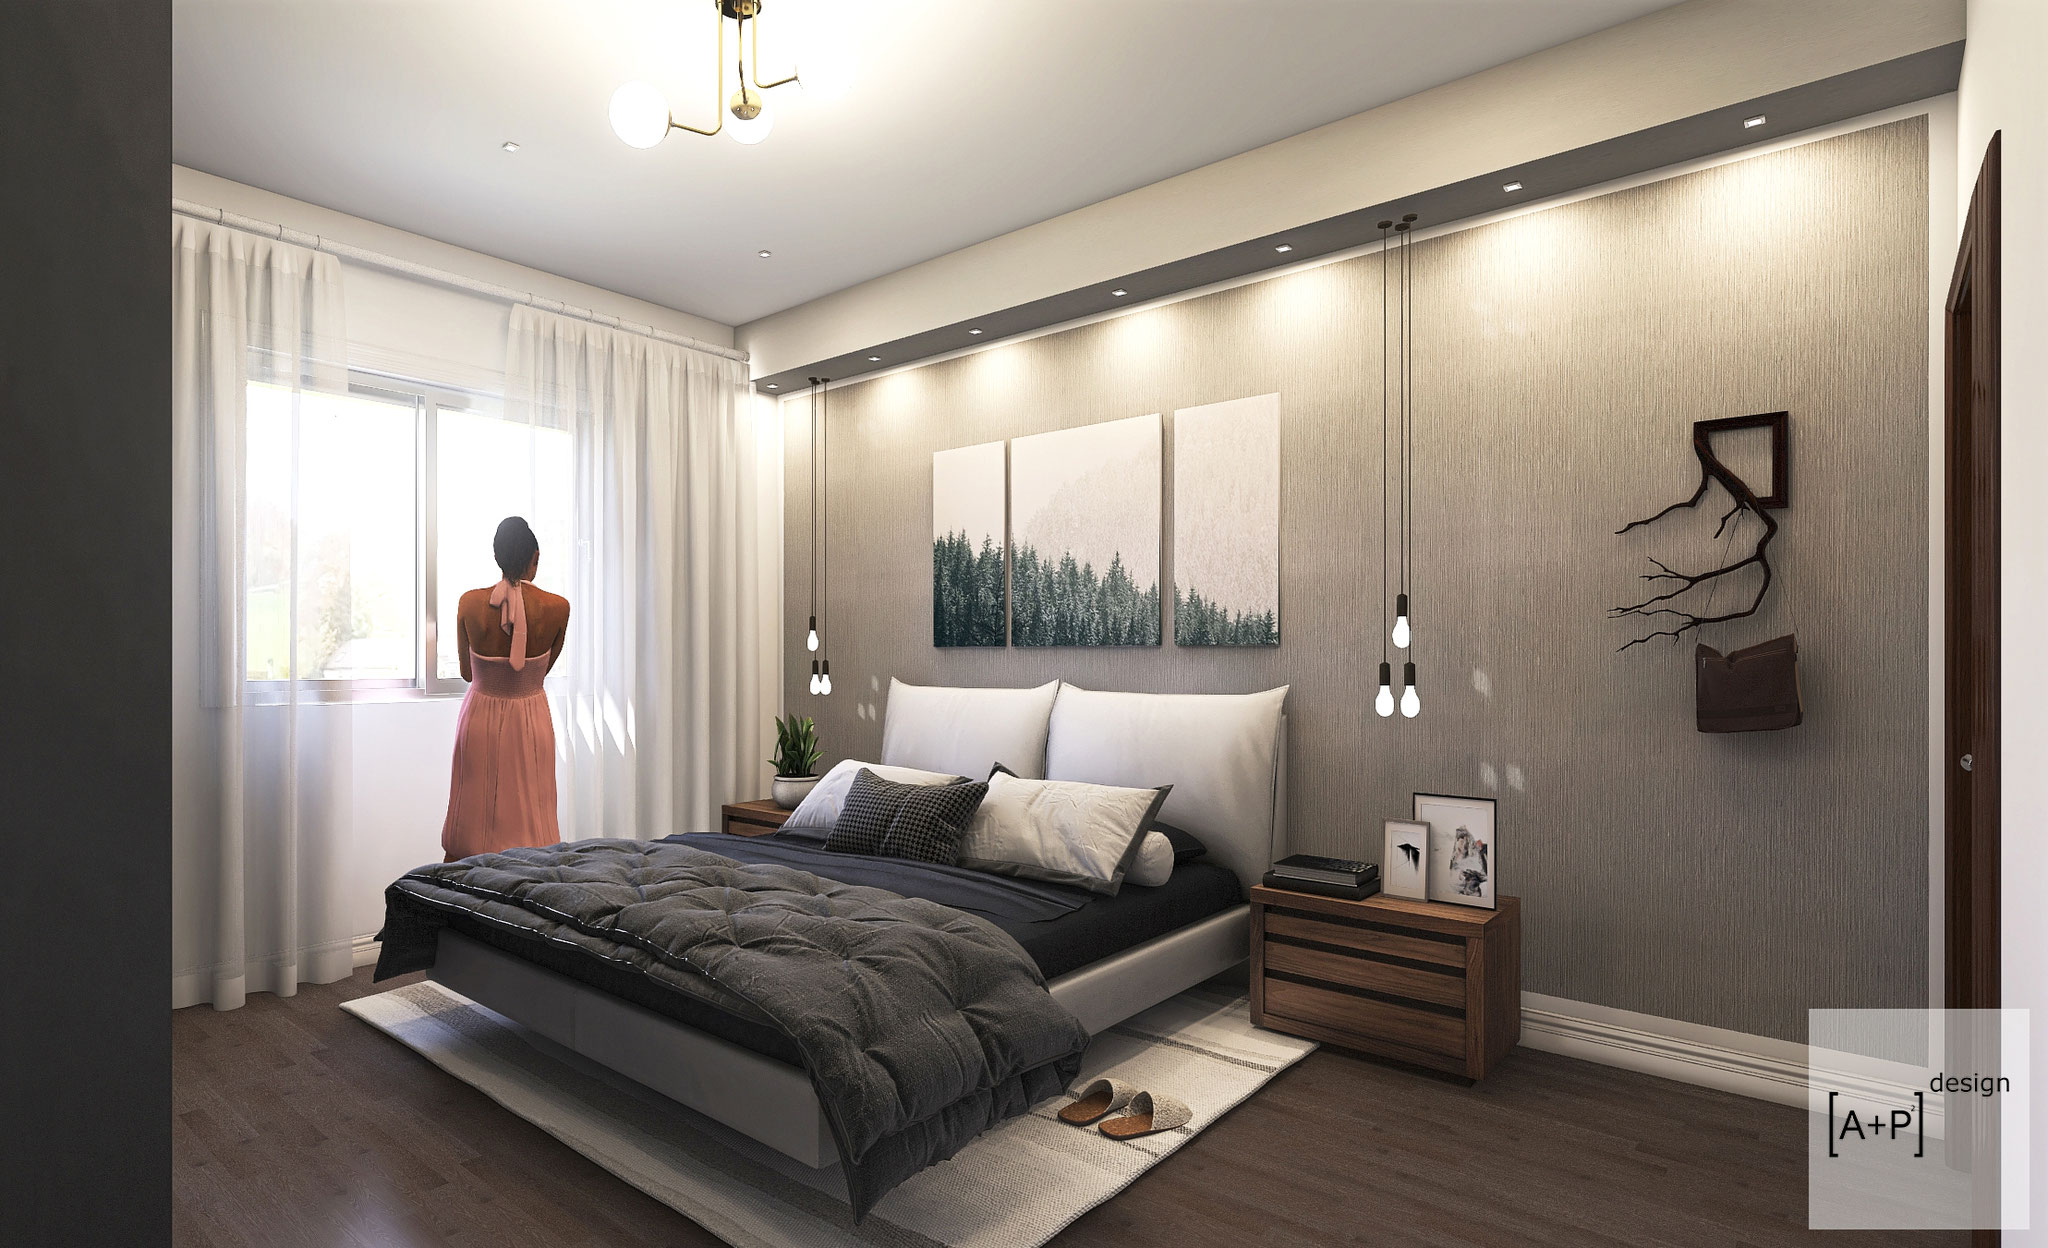 Progetto ristrutturazione camera da letto - © Alessio Pea & Federica Perissi